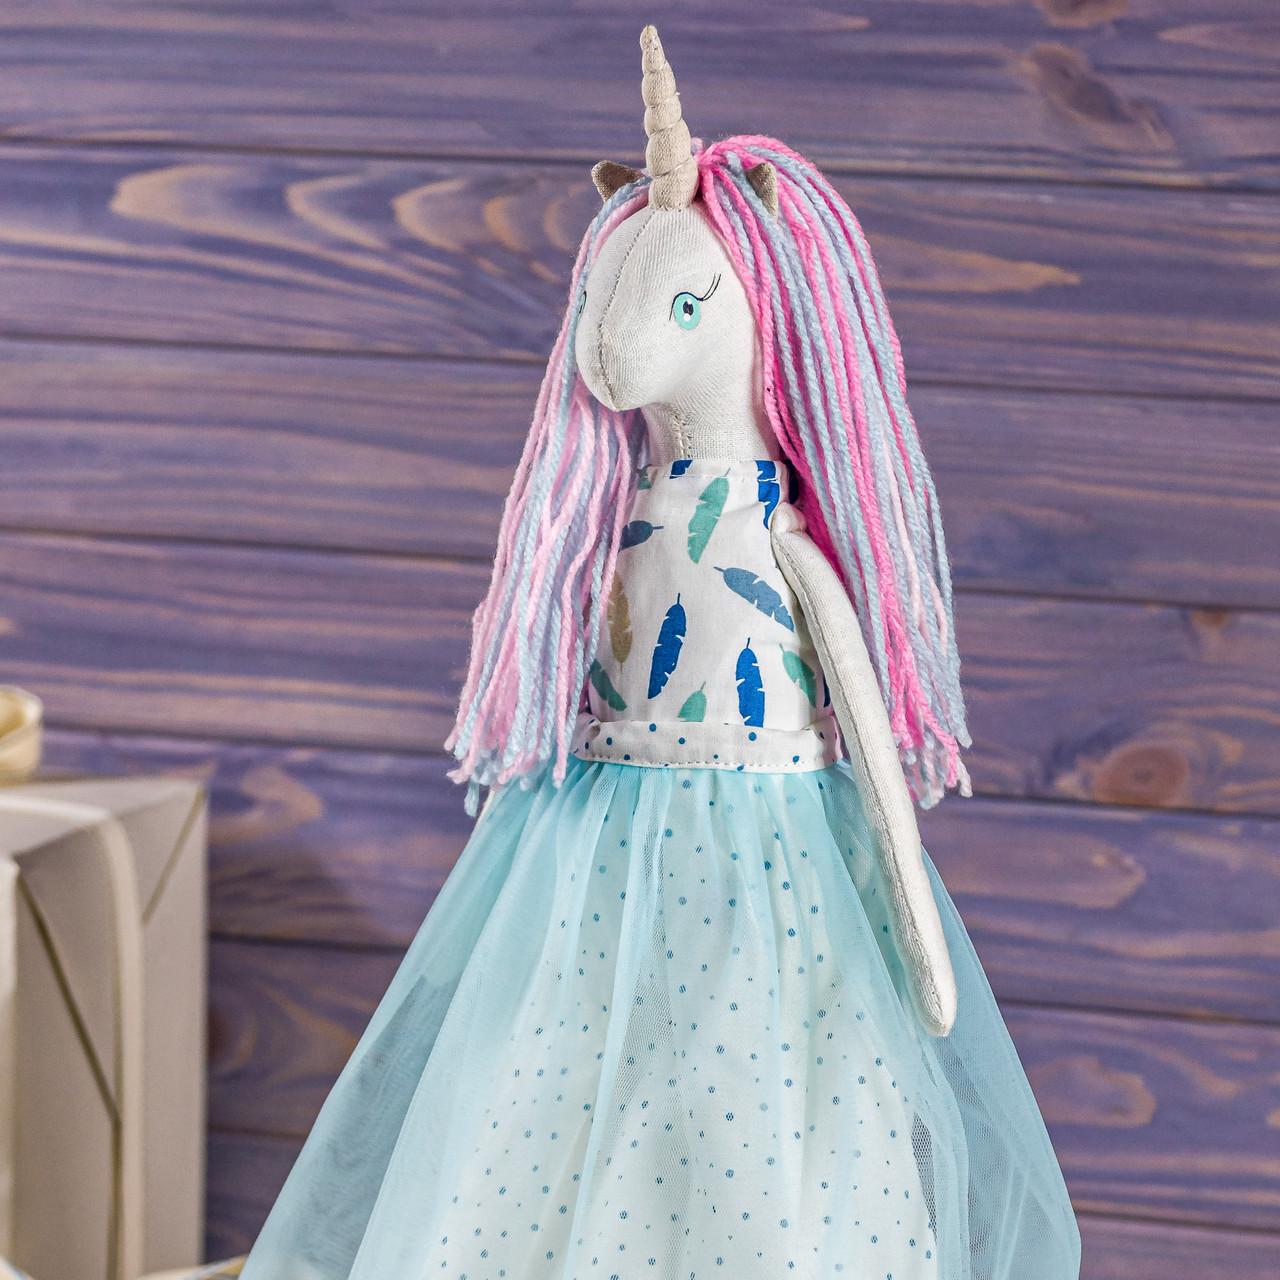 Мягкая игрушка ручная работа единорог мрійниця текстиль 43 см синий одежда снимается подарок девочке